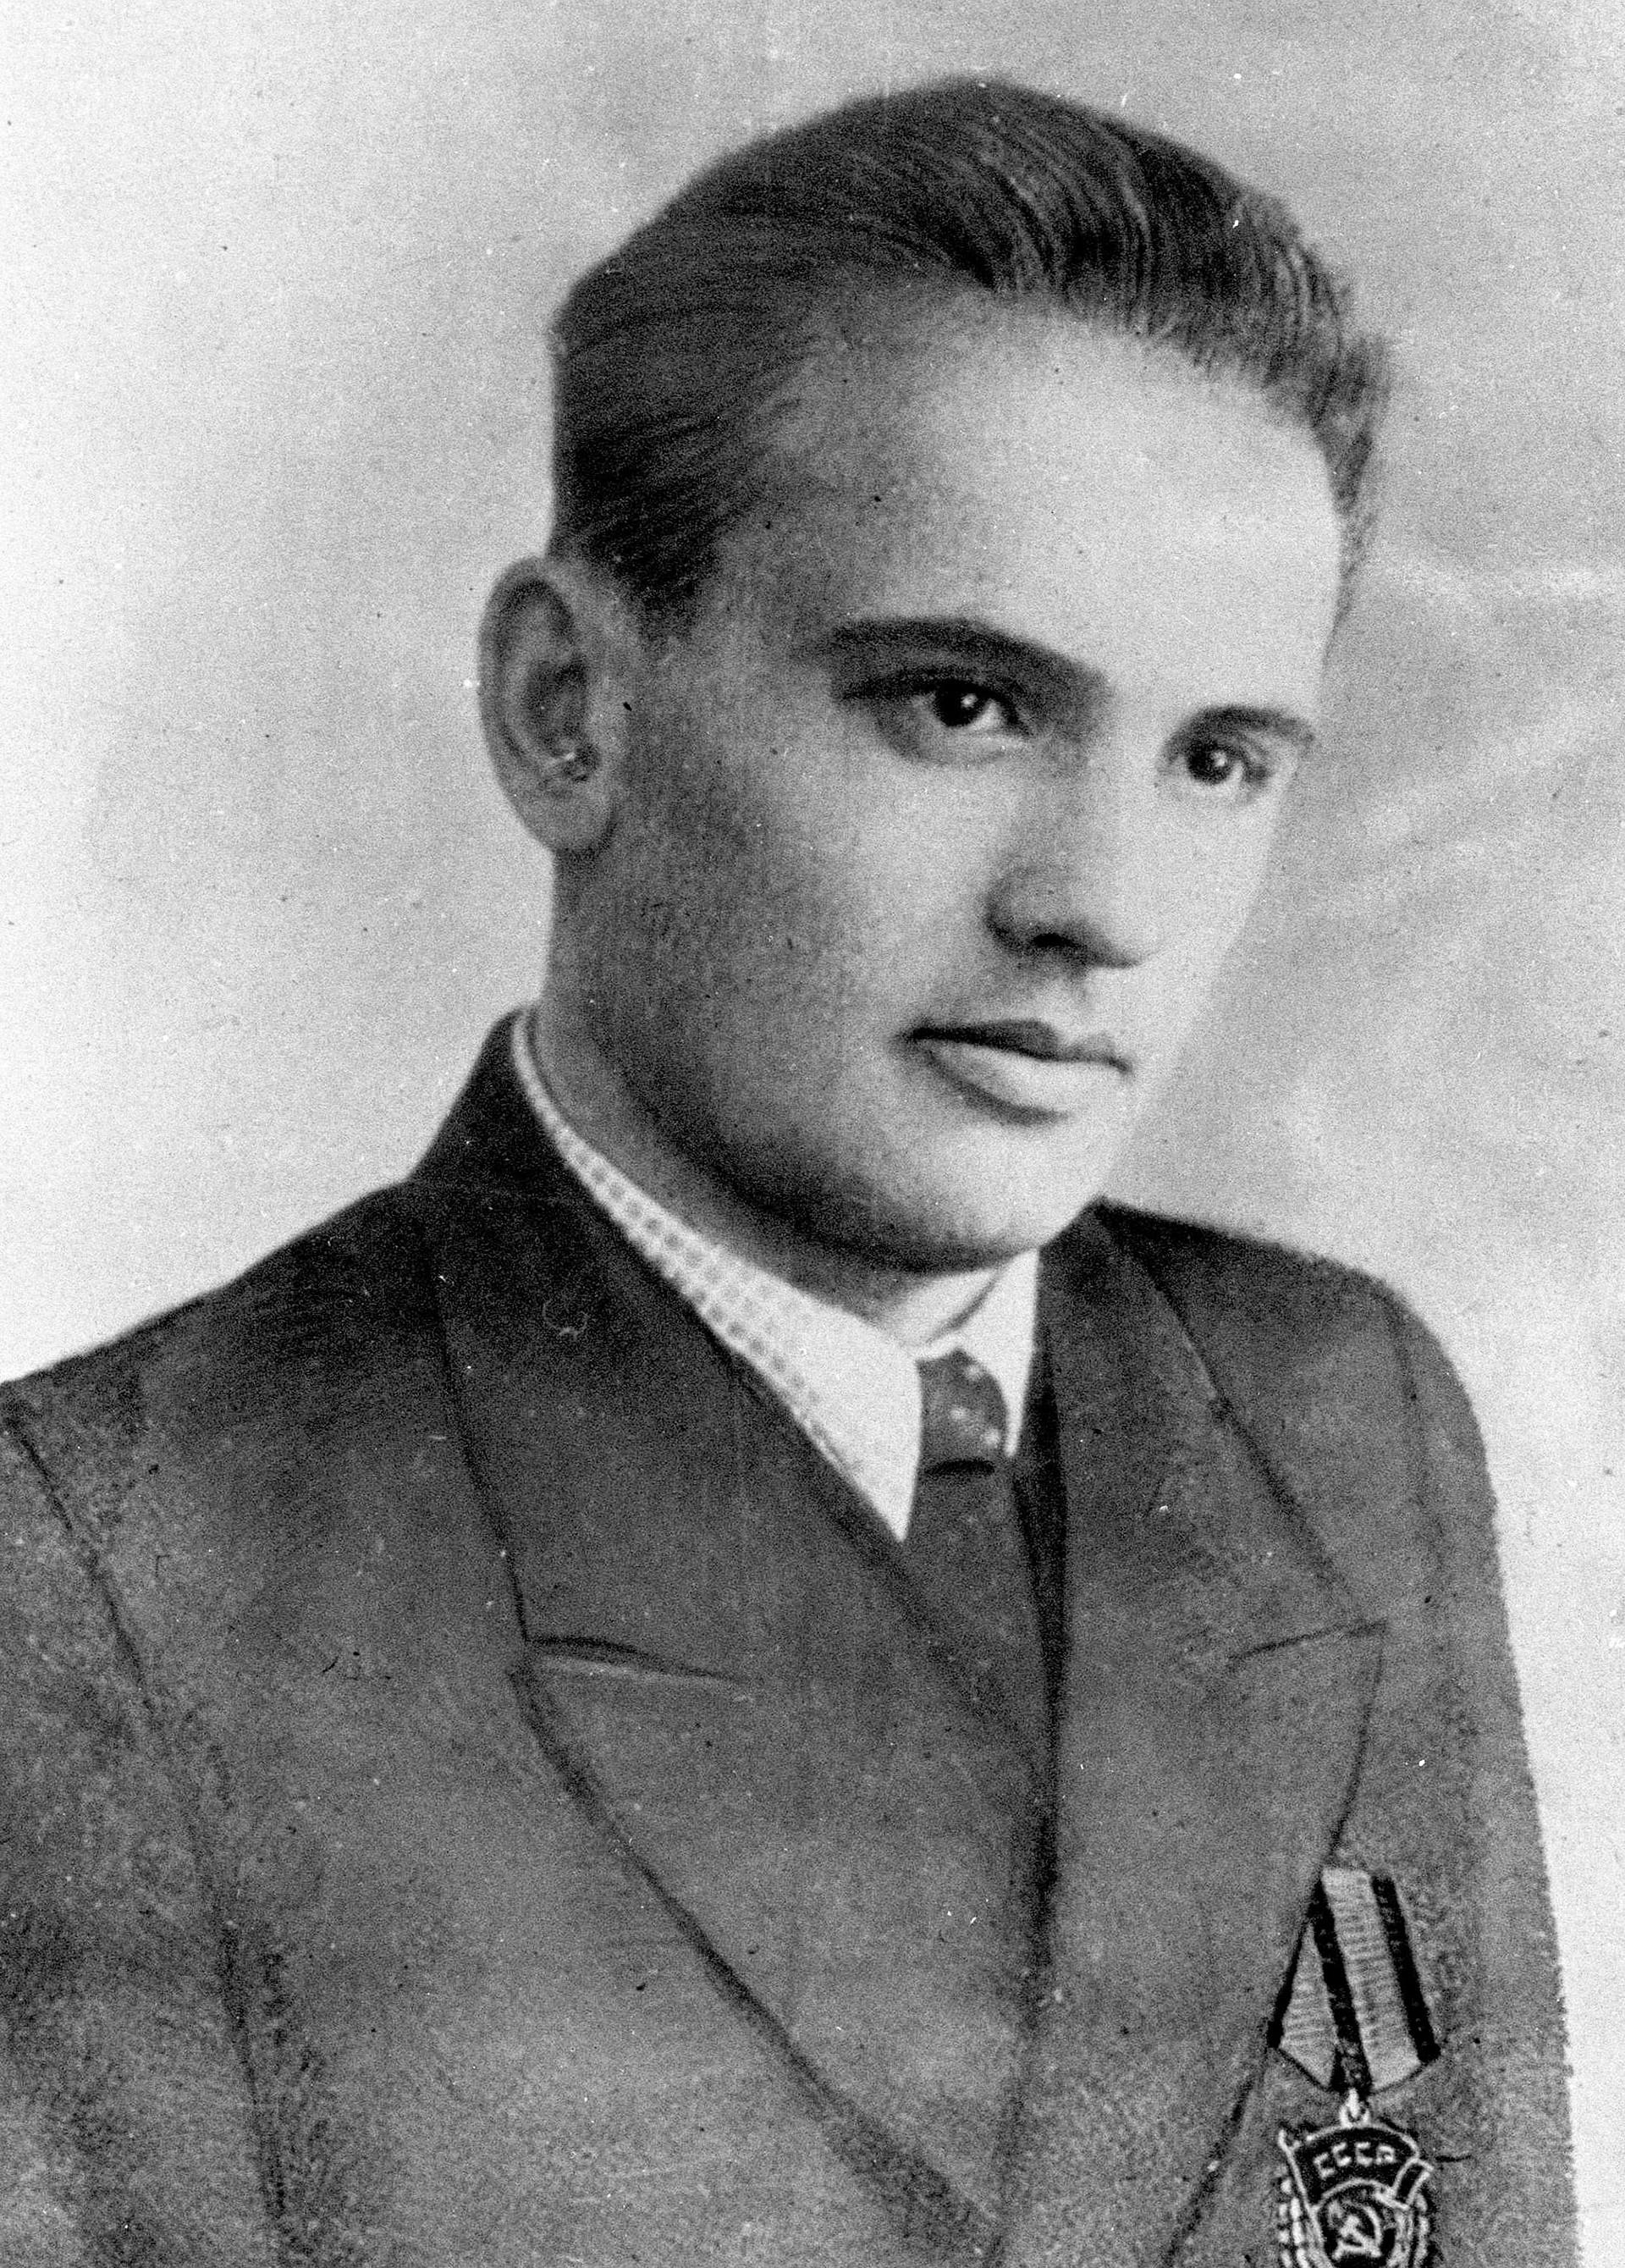 Der junge Feldarbeiter Michail Gorbatschow 1950: Der Neunzehnjährige trägt einen roten Arbeiterorden, den er 1947 für seinen außergewöhnlichen Einsatz bei der Ernte veliehen bekommen hatte.